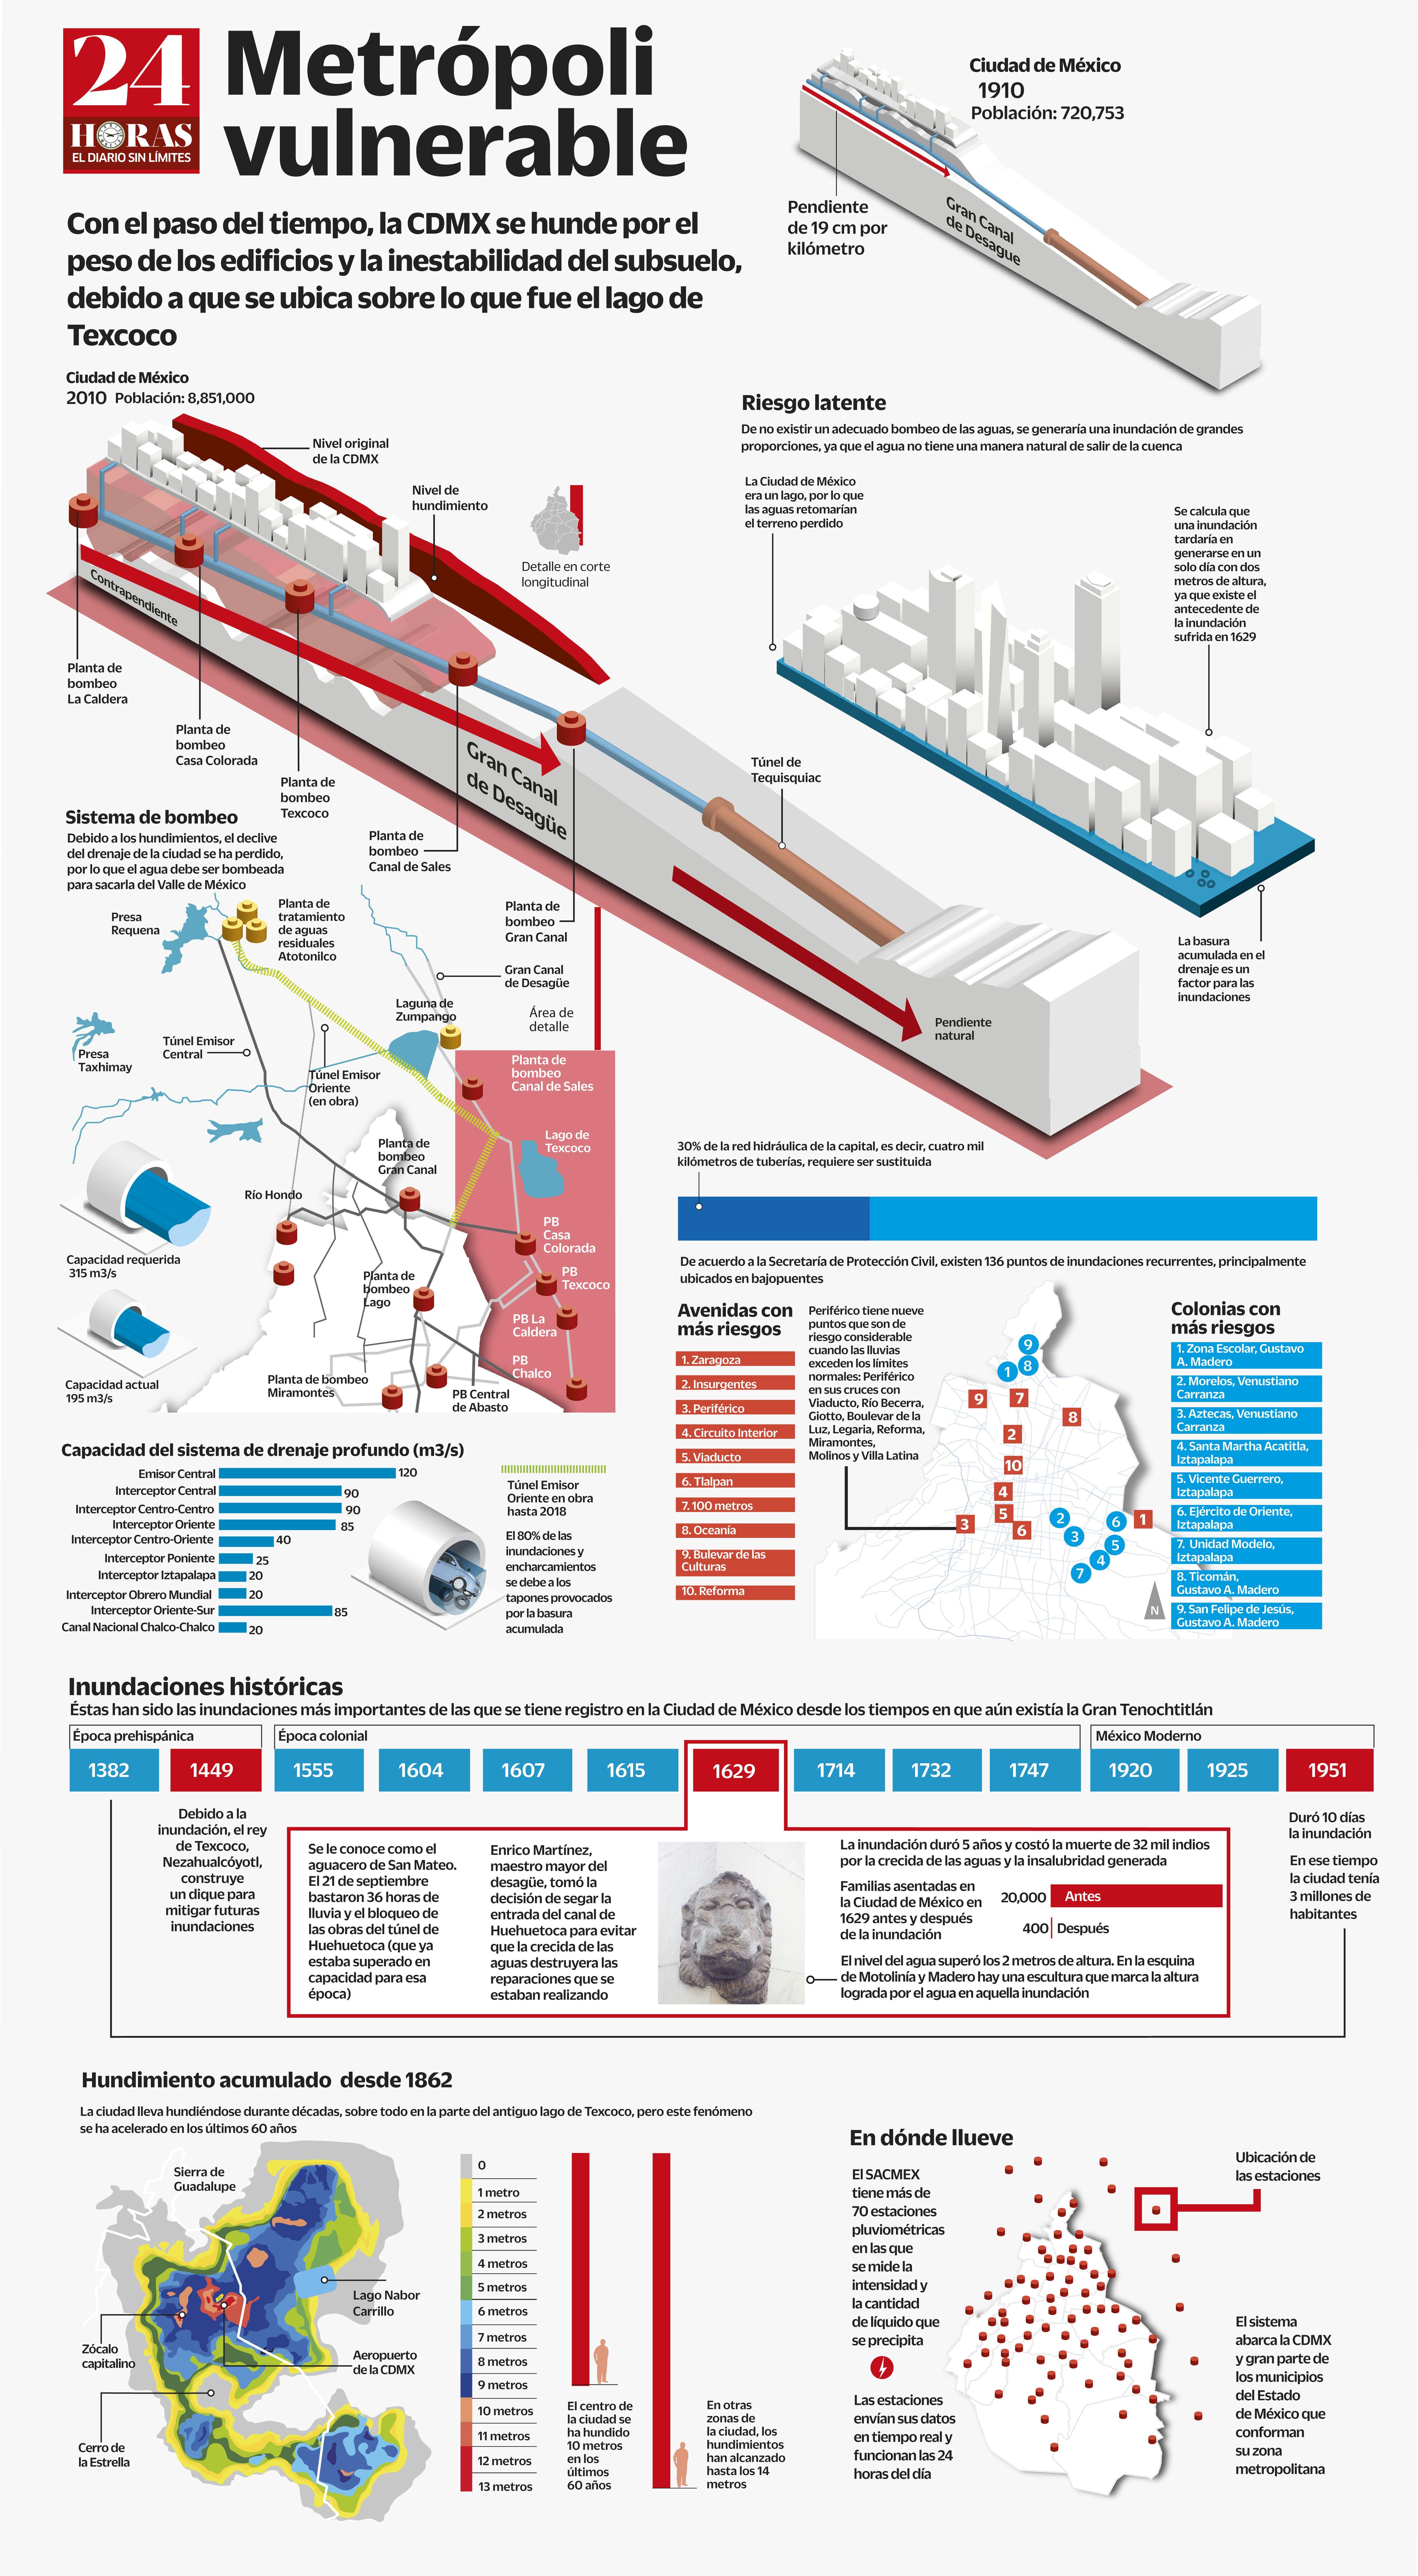 Metrópoli vulnerable (infografía)